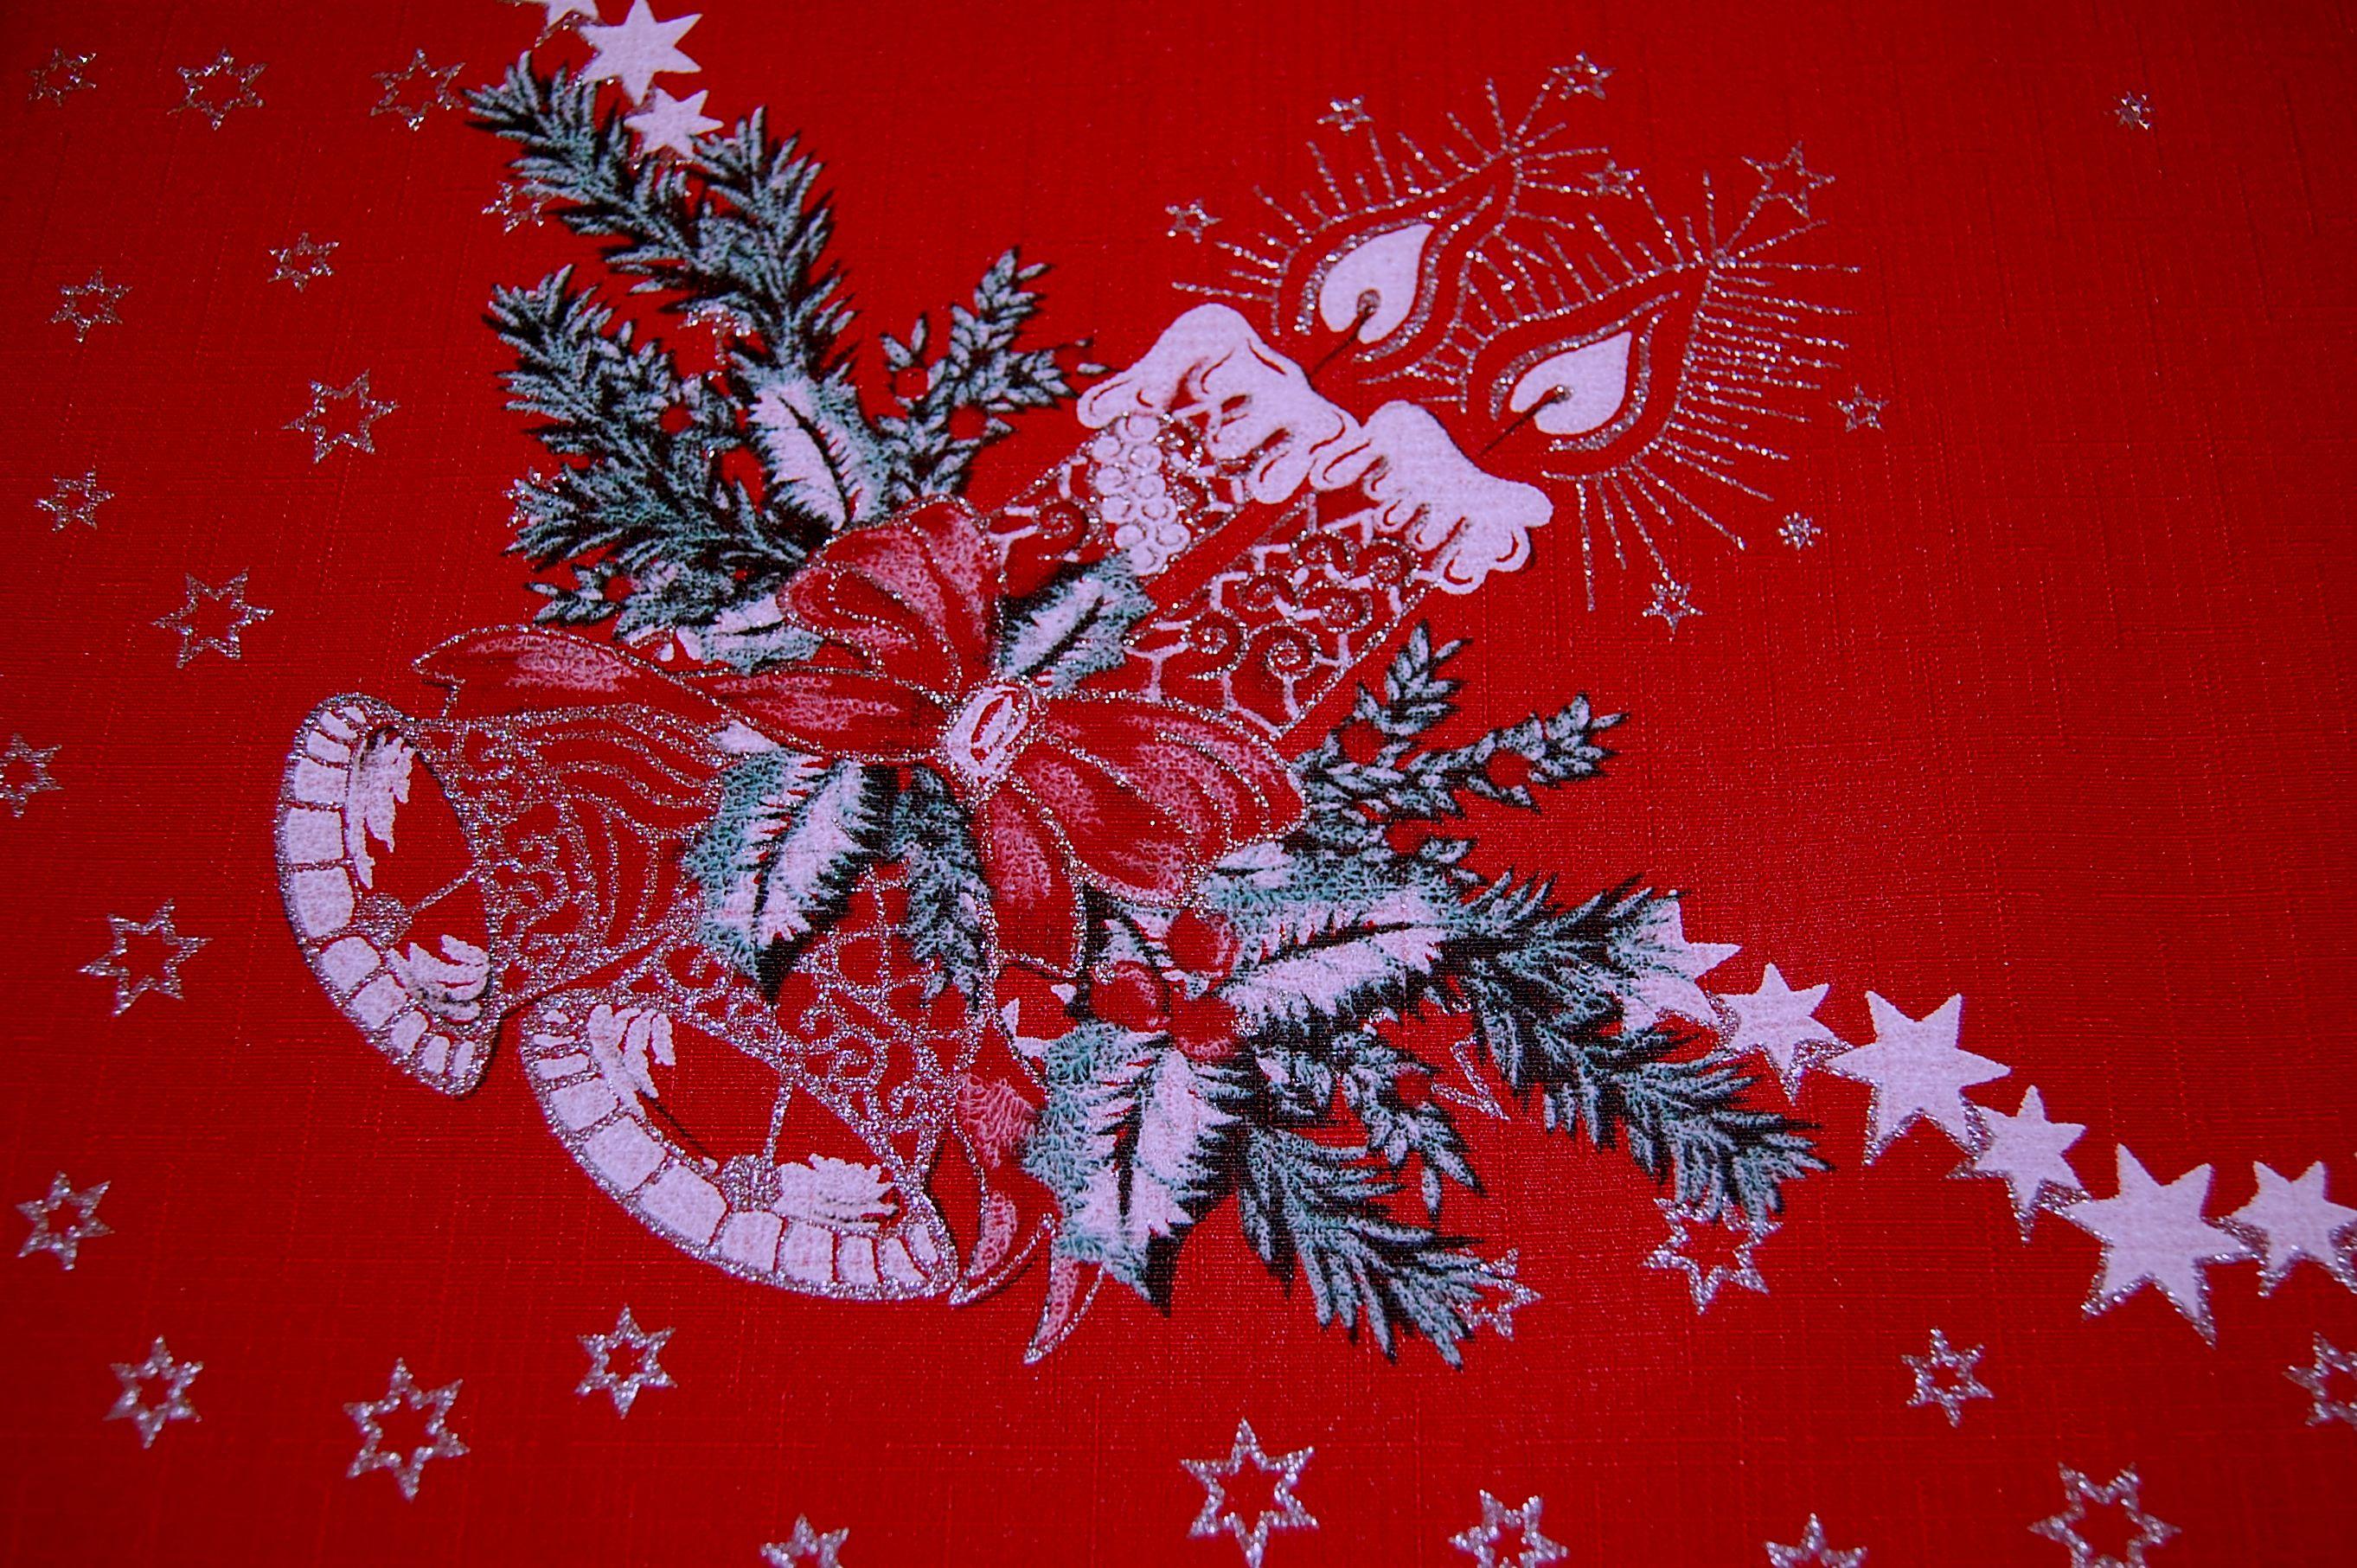 tischdecke 120x140 cm weihnachten rot tischtuch weihnachtsdecke teflon tafeltuch ebay. Black Bedroom Furniture Sets. Home Design Ideas